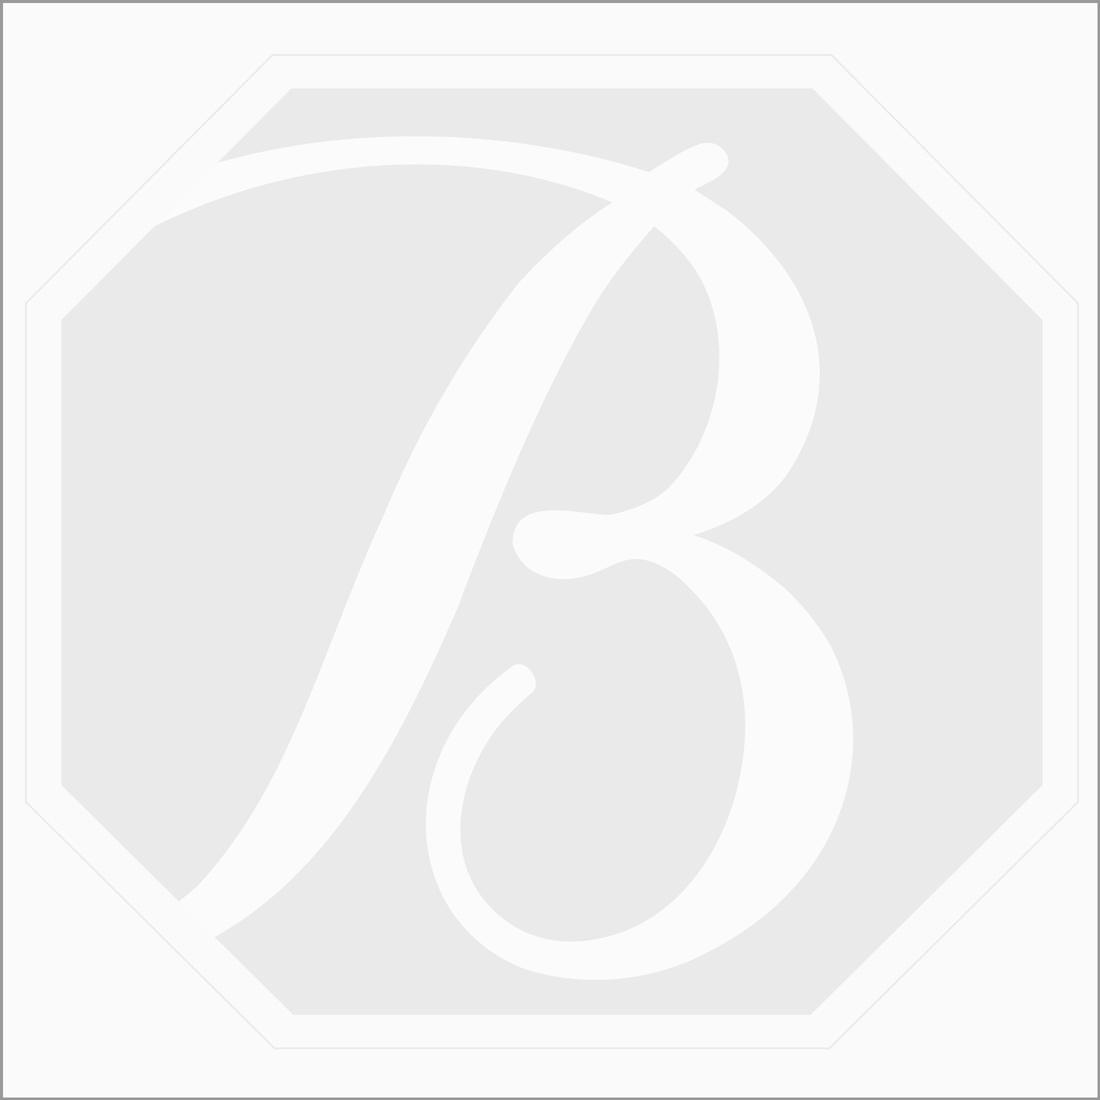 2 Pcs - Dark Green Tourmaline Rose Cuts - 7.32 ct. - 13.5 x 9.6 x 2.7 mm & 13.7 x 9.7 x 2.9 mm (TRC1029)